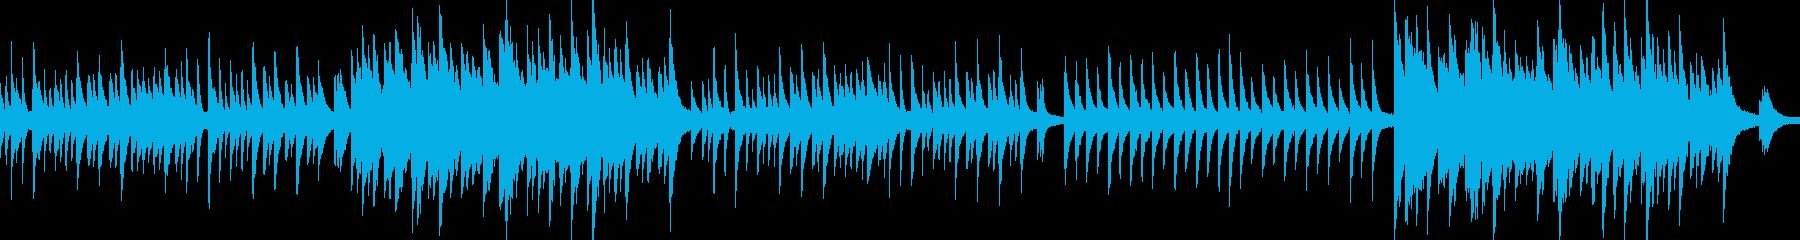 ループ 穏やかで美しく切ないピアノソロ曲の再生済みの波形